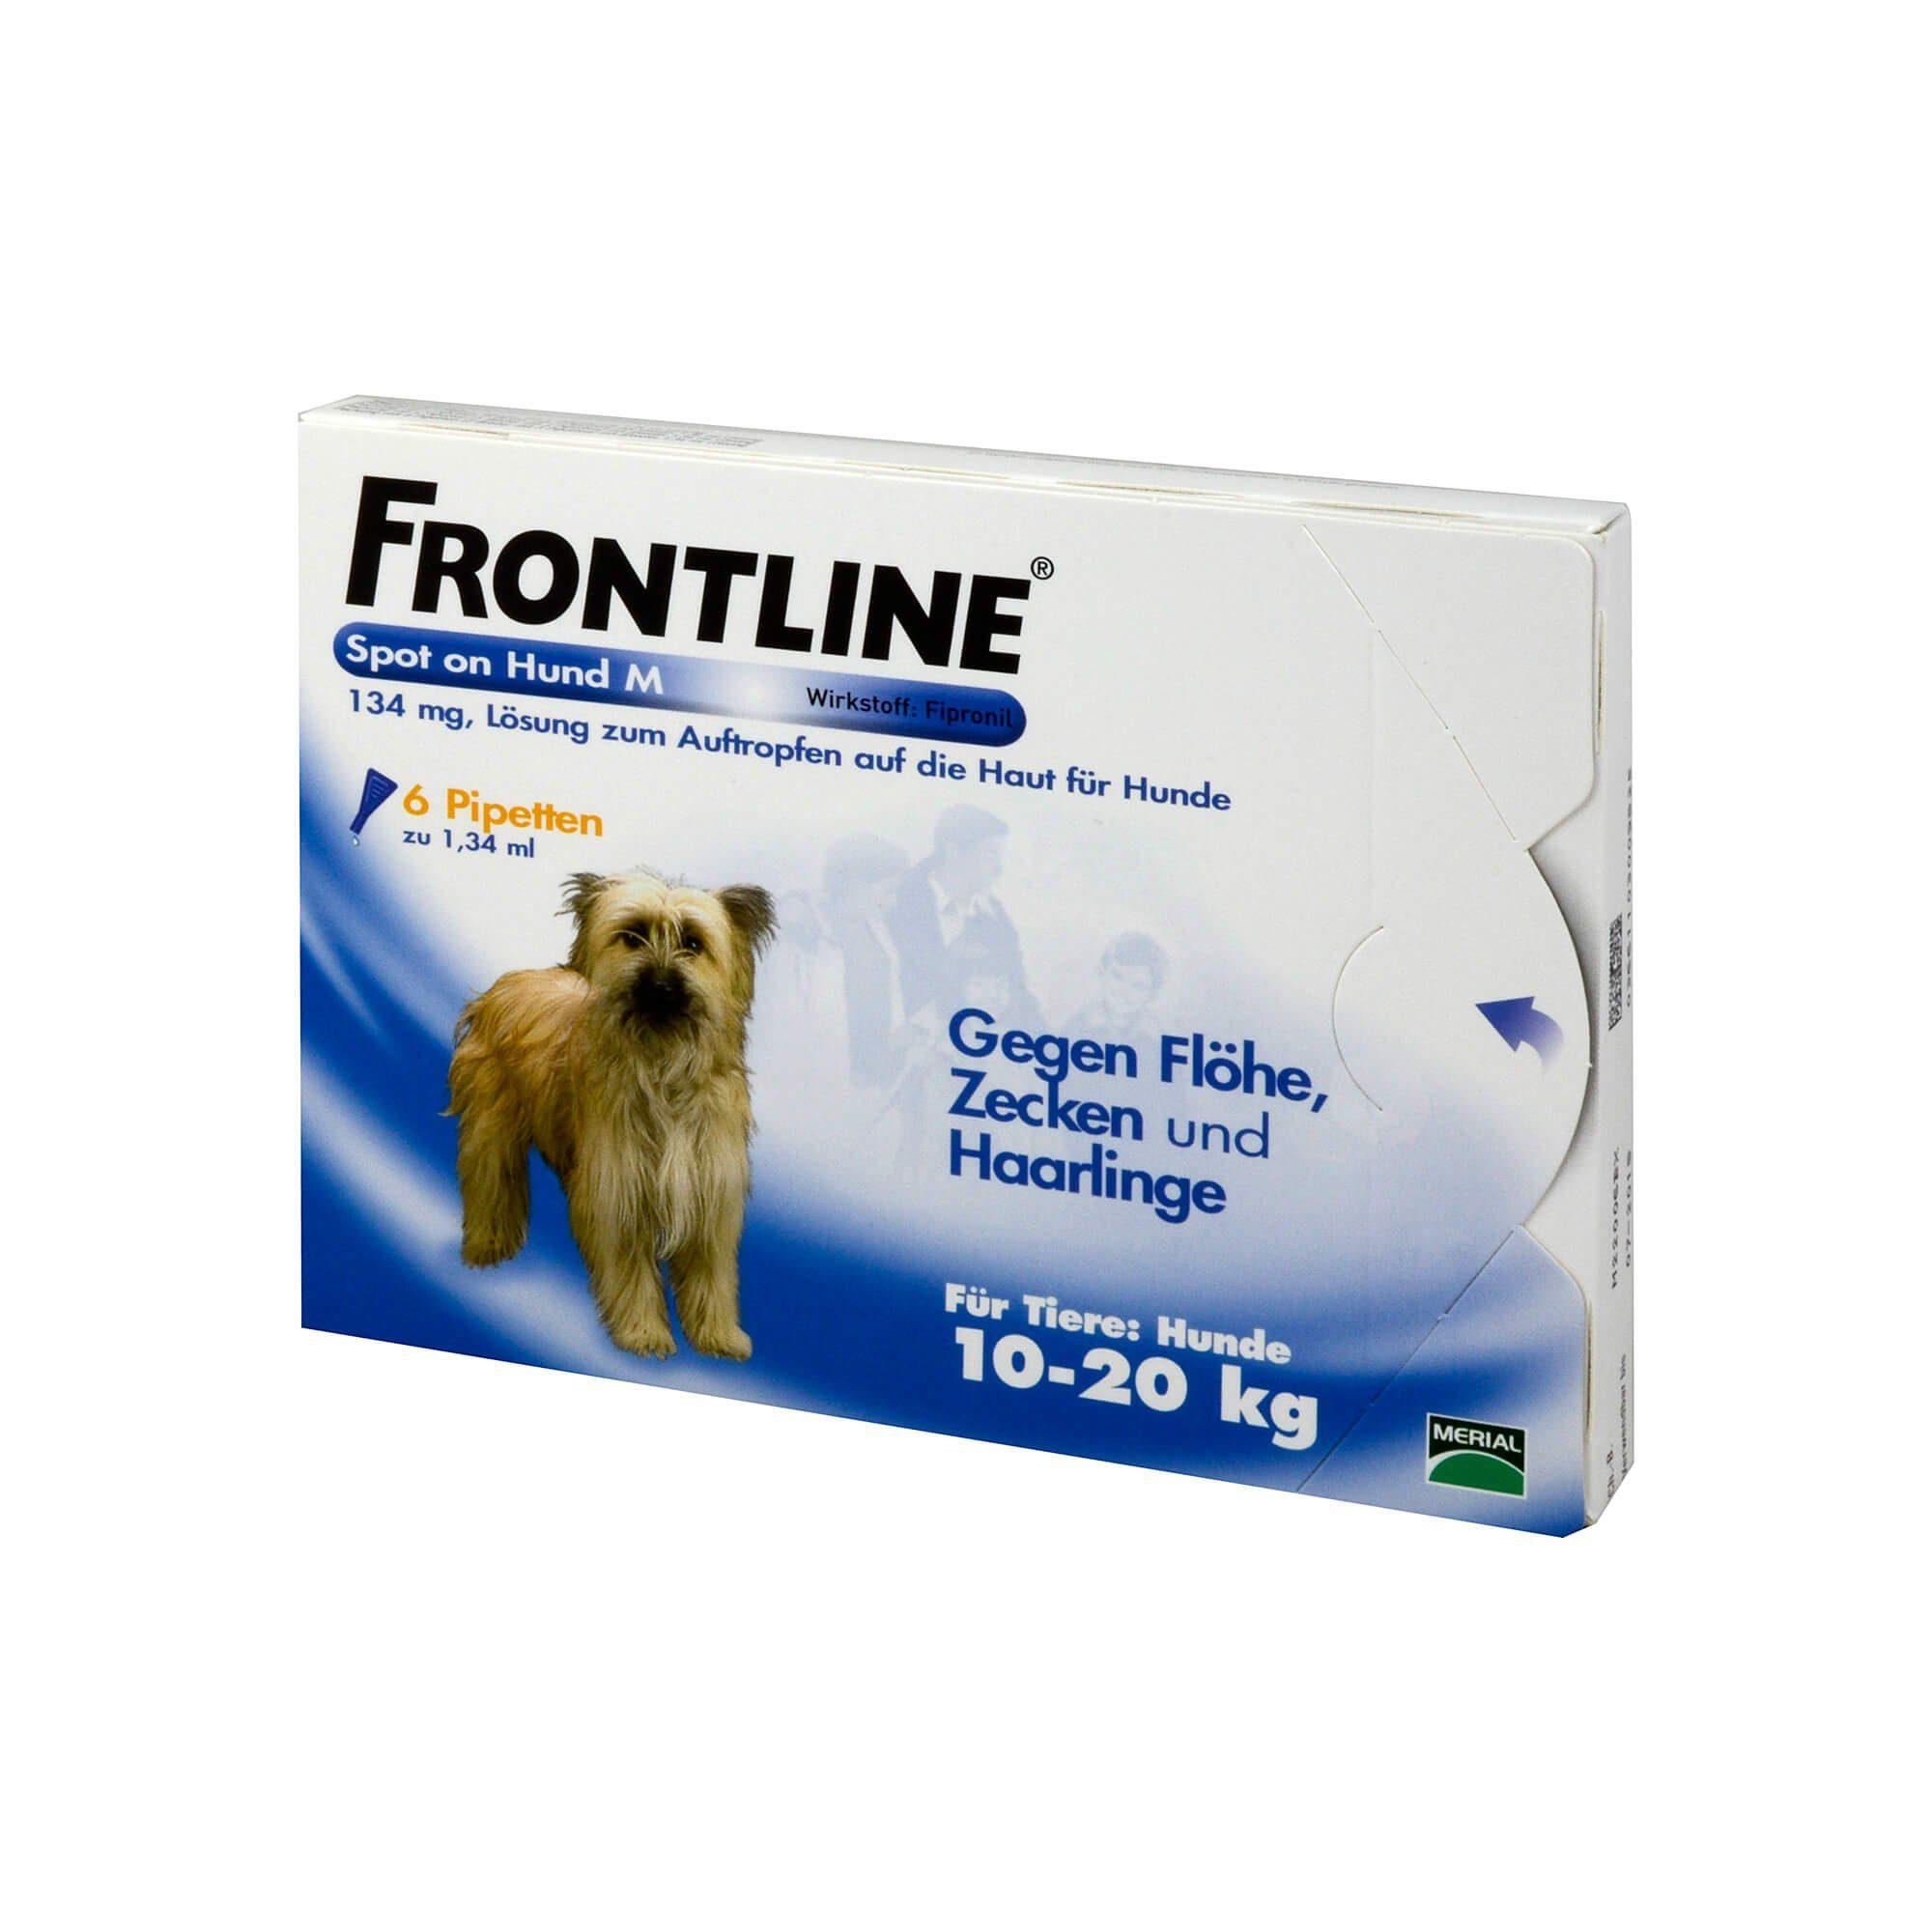 Frontline Frontline Spot on Hund M 134 mg , 6 St